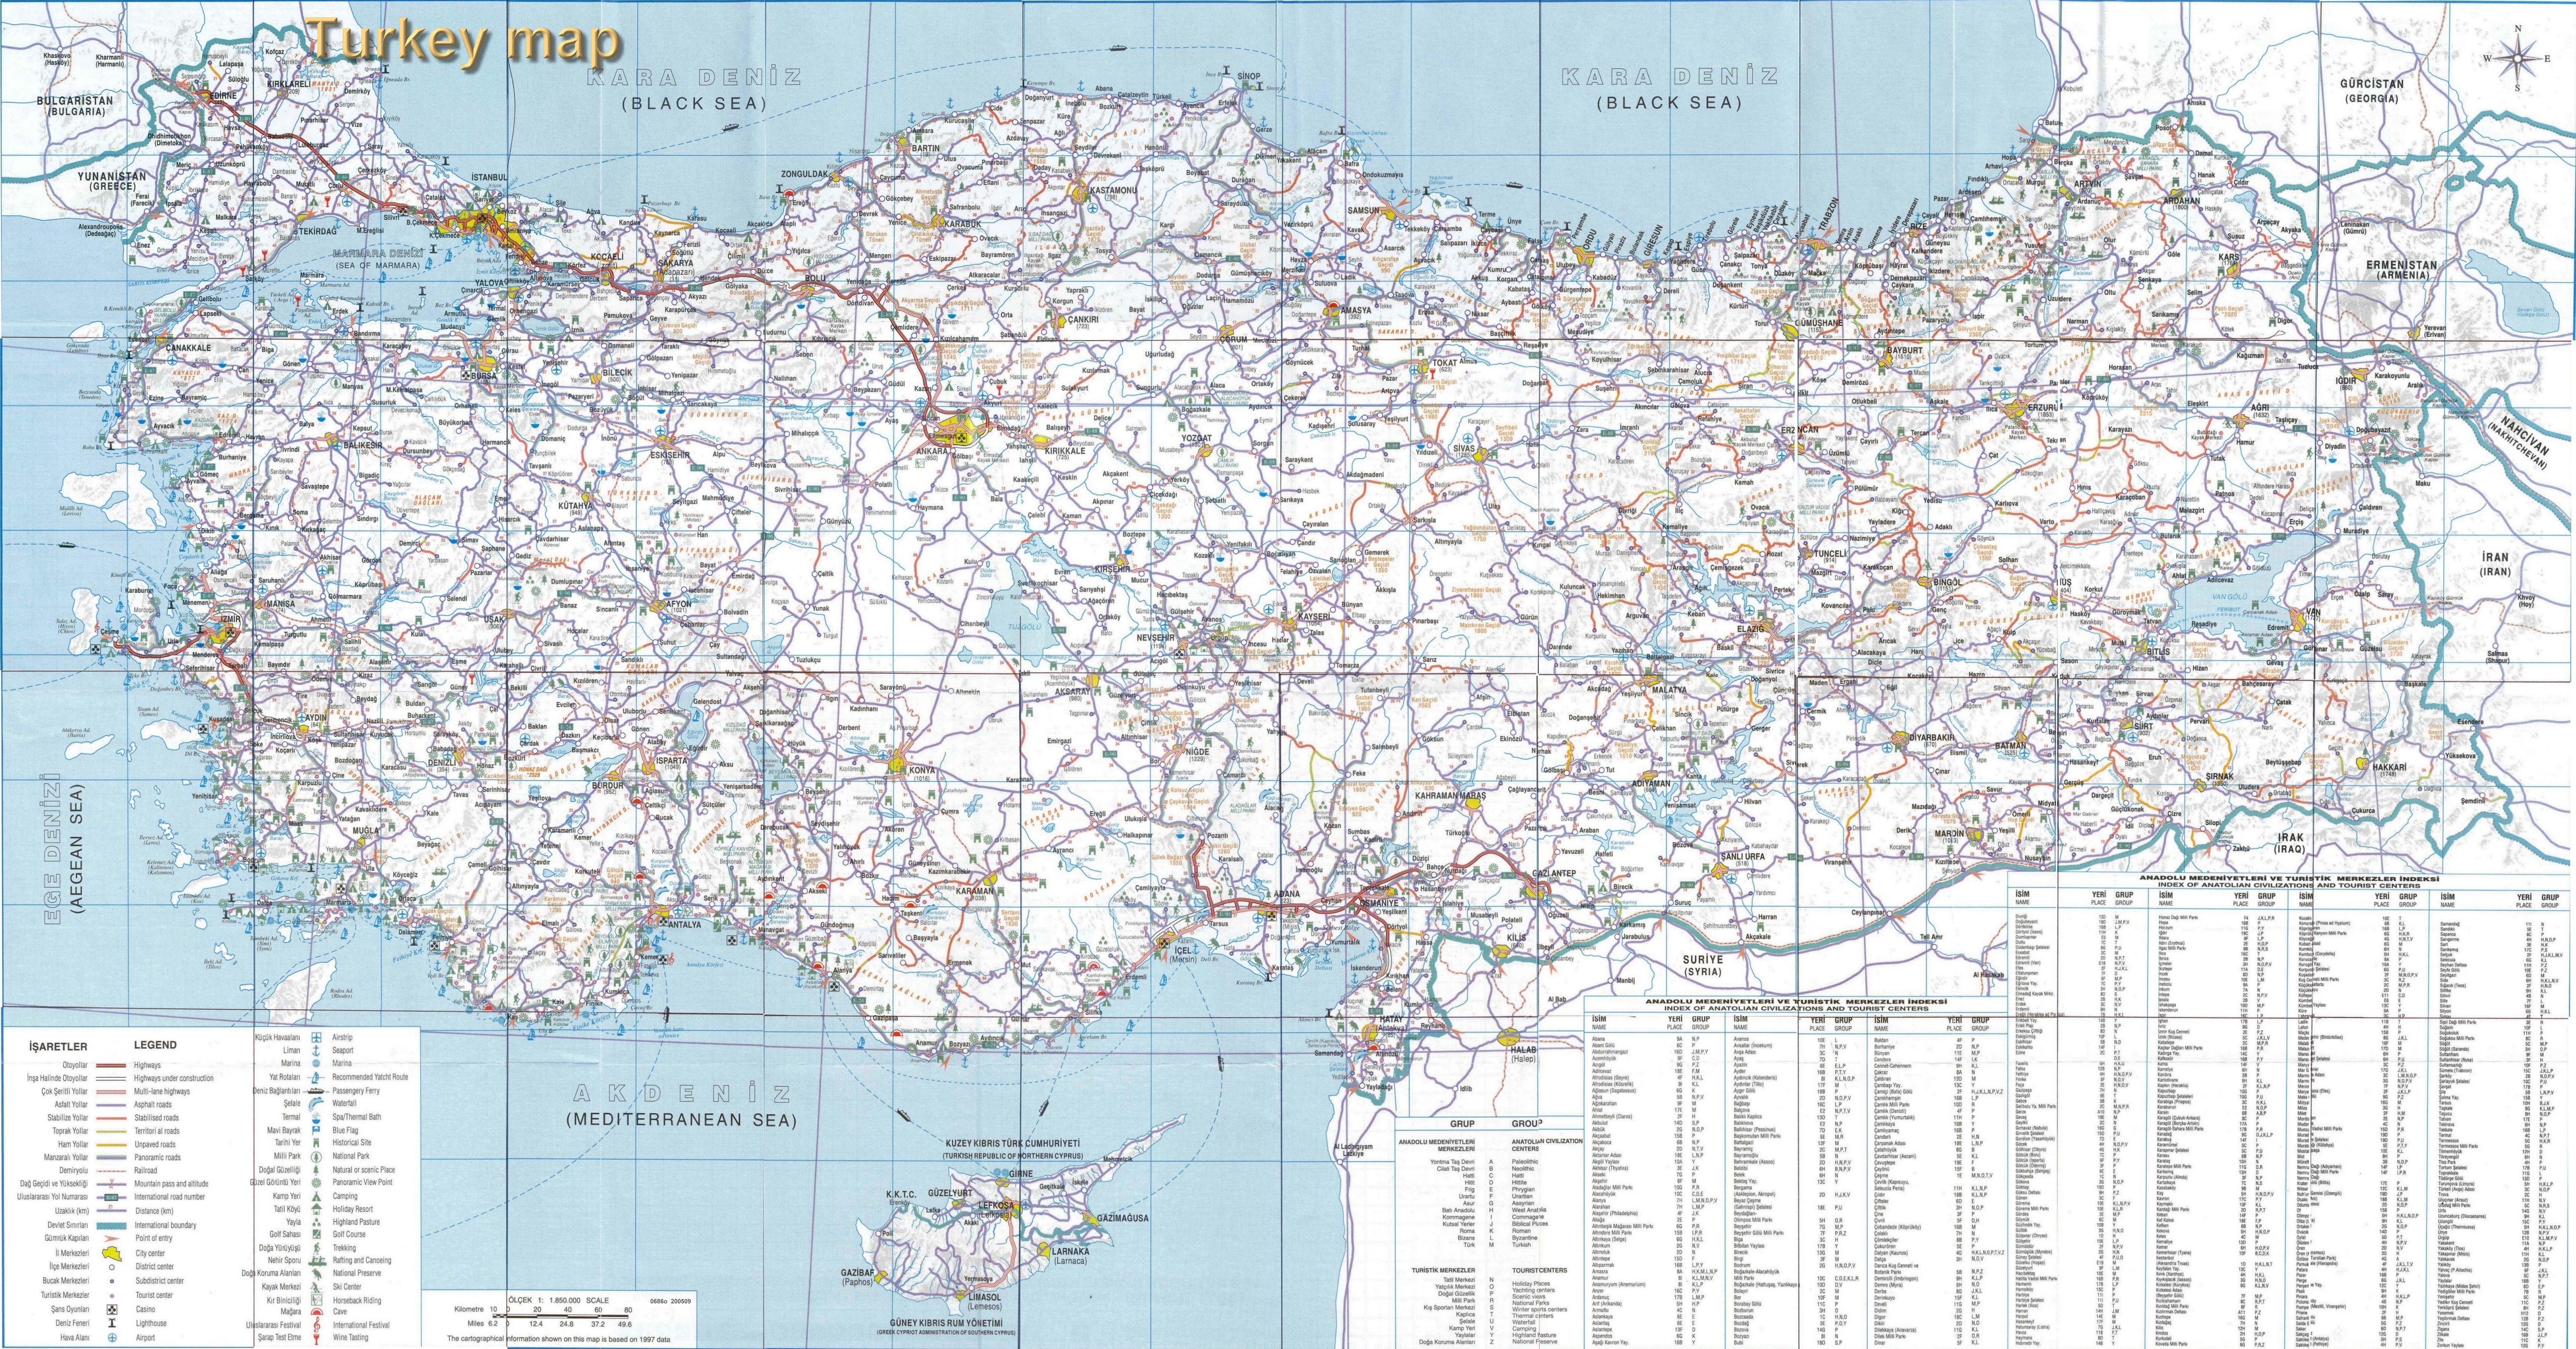 土耳其英文版全图_土耳其地图查询